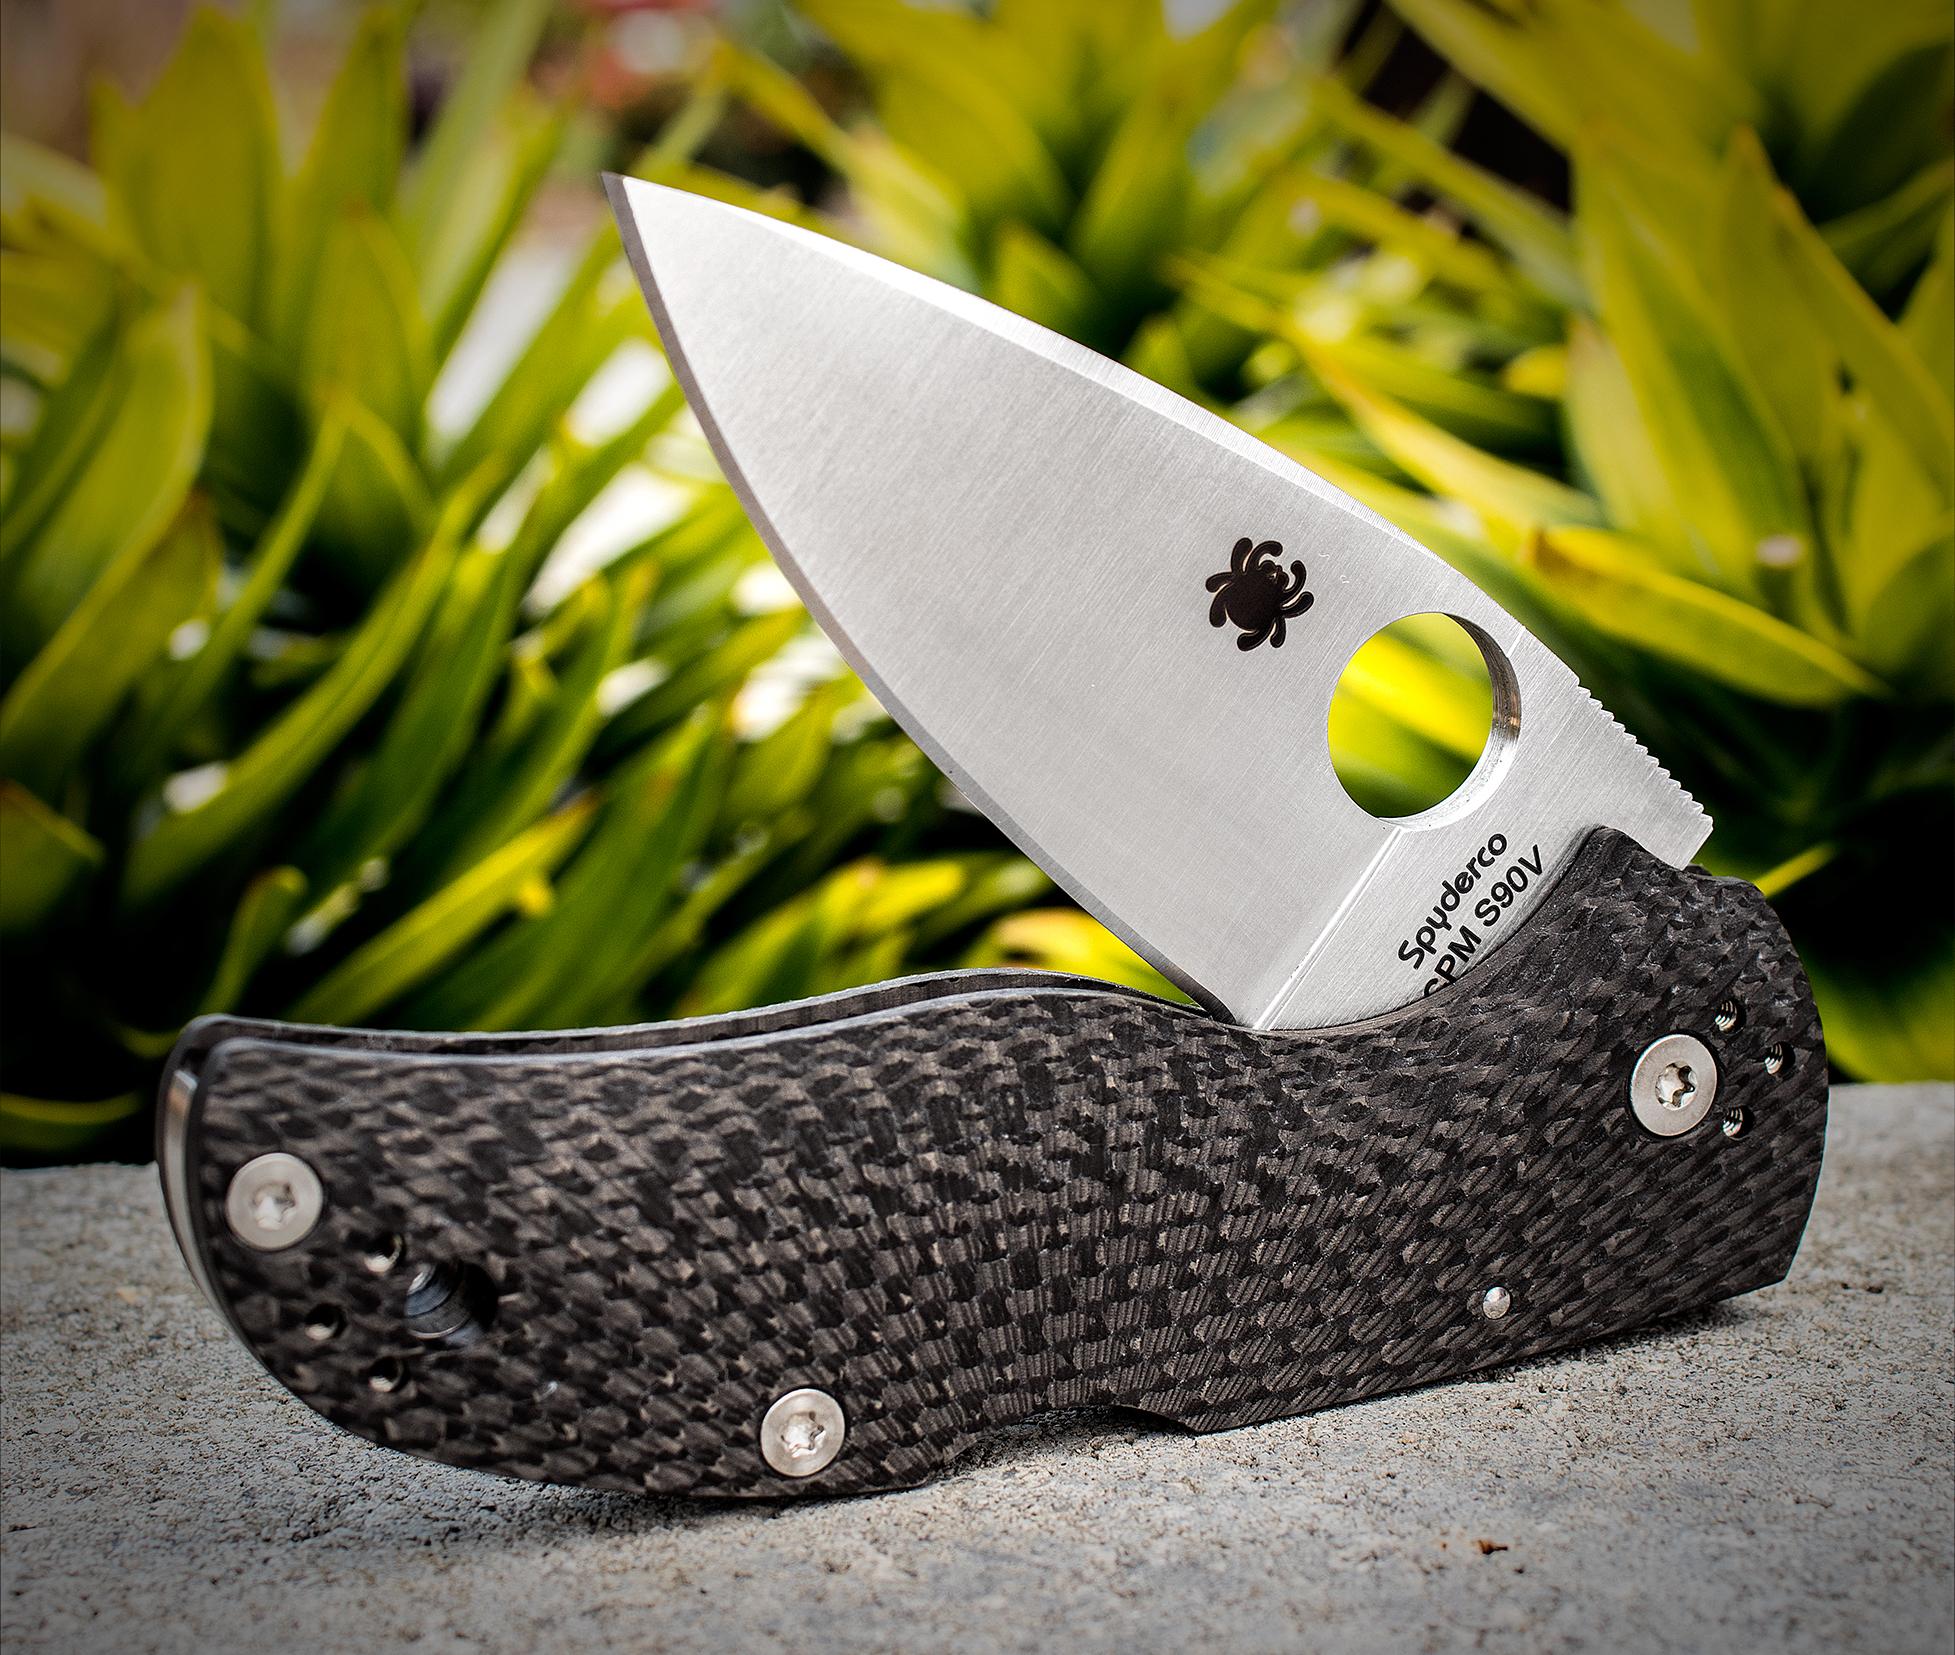 Фото 5 - Складной нож Native 5 Fluted - Spyderco 41CFFP5, сталь CPM S90V Satin Plain, рукоять карбон, чёрный